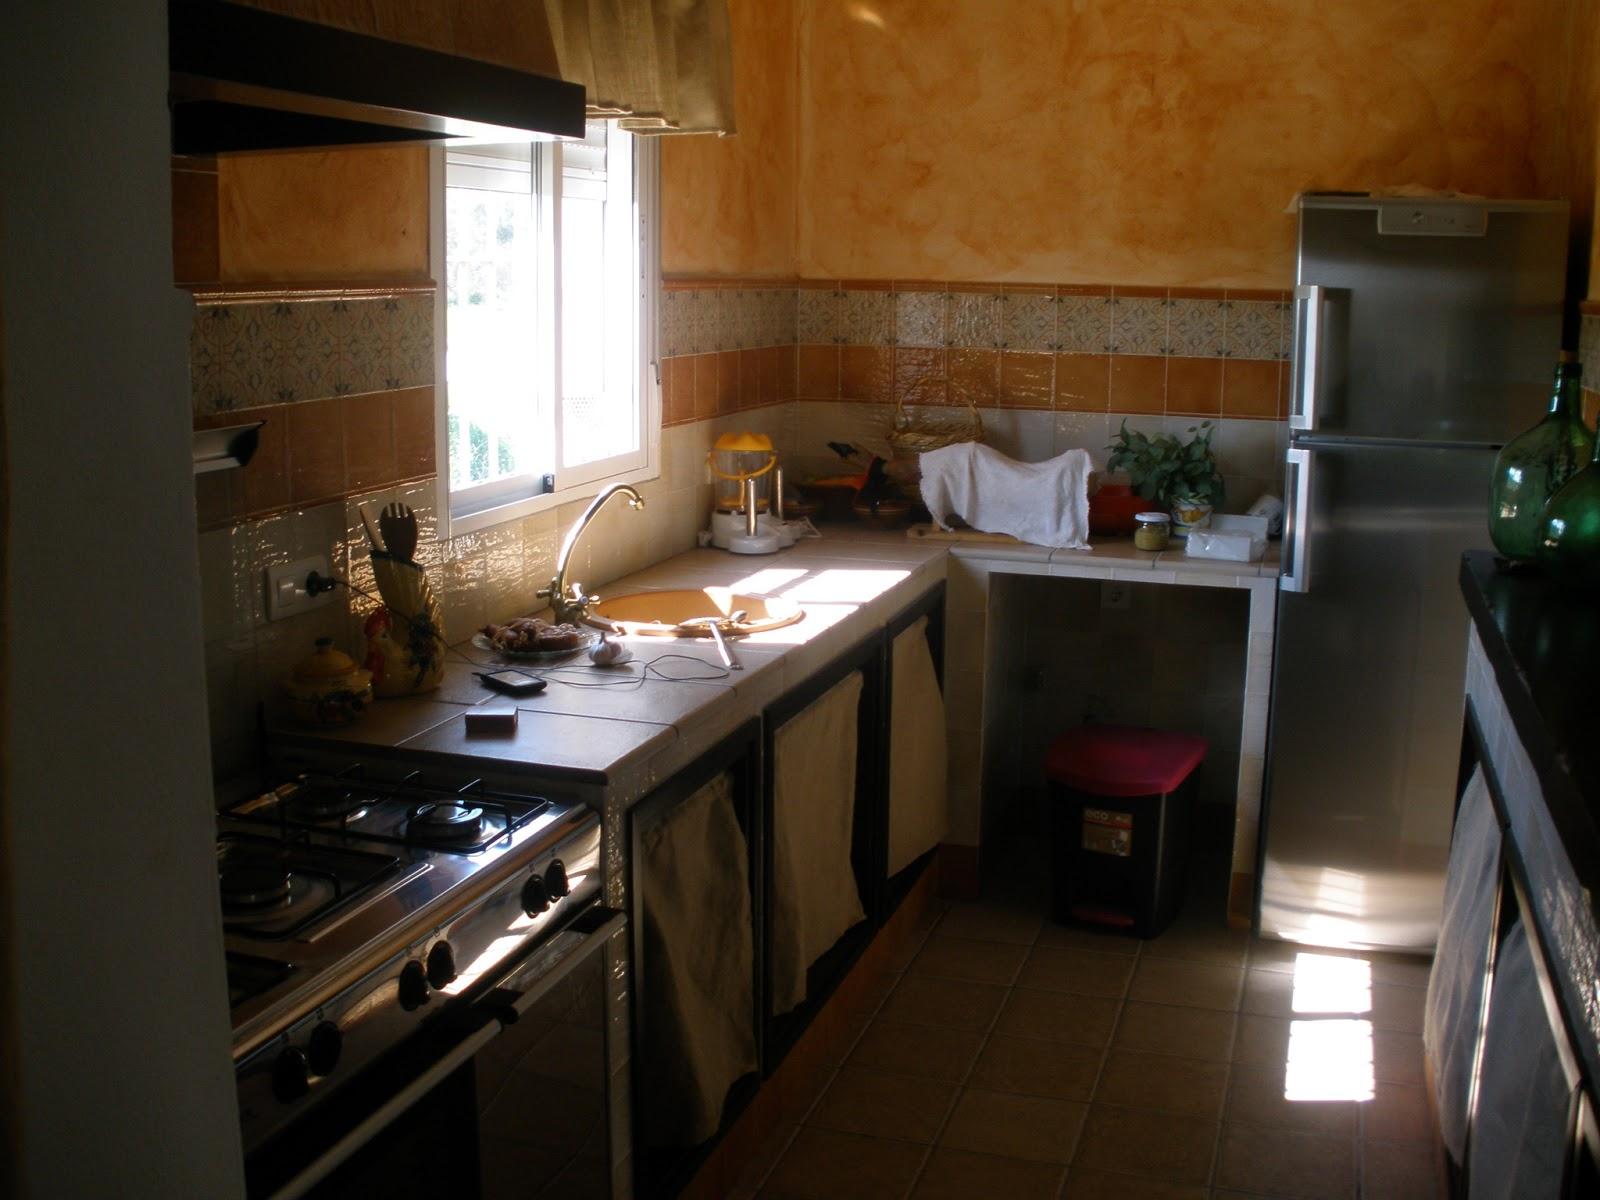 Construcciones rudi cocina rustica de casa de campo - Cocinas de campo ...